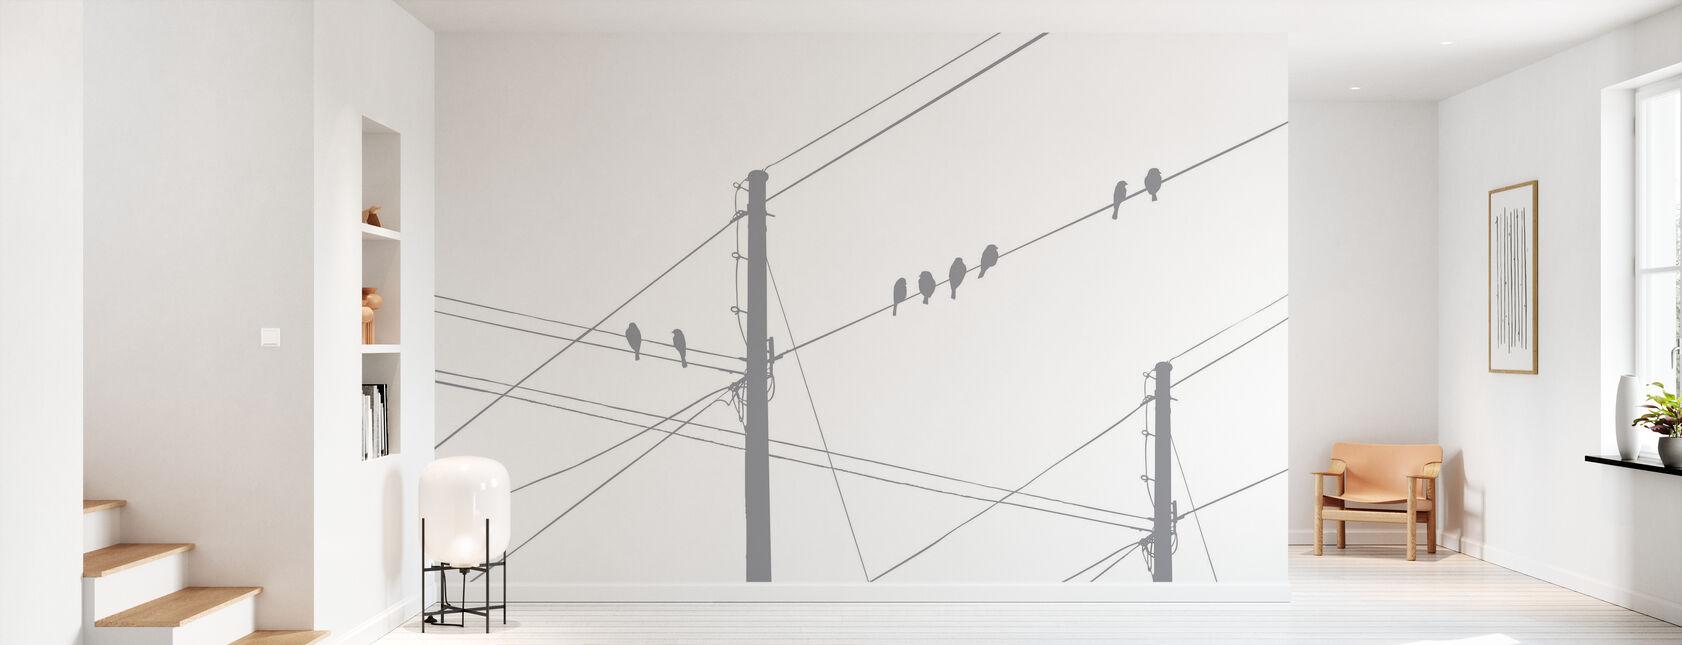 Powerlines - Grey - Wallpaper - Hallway